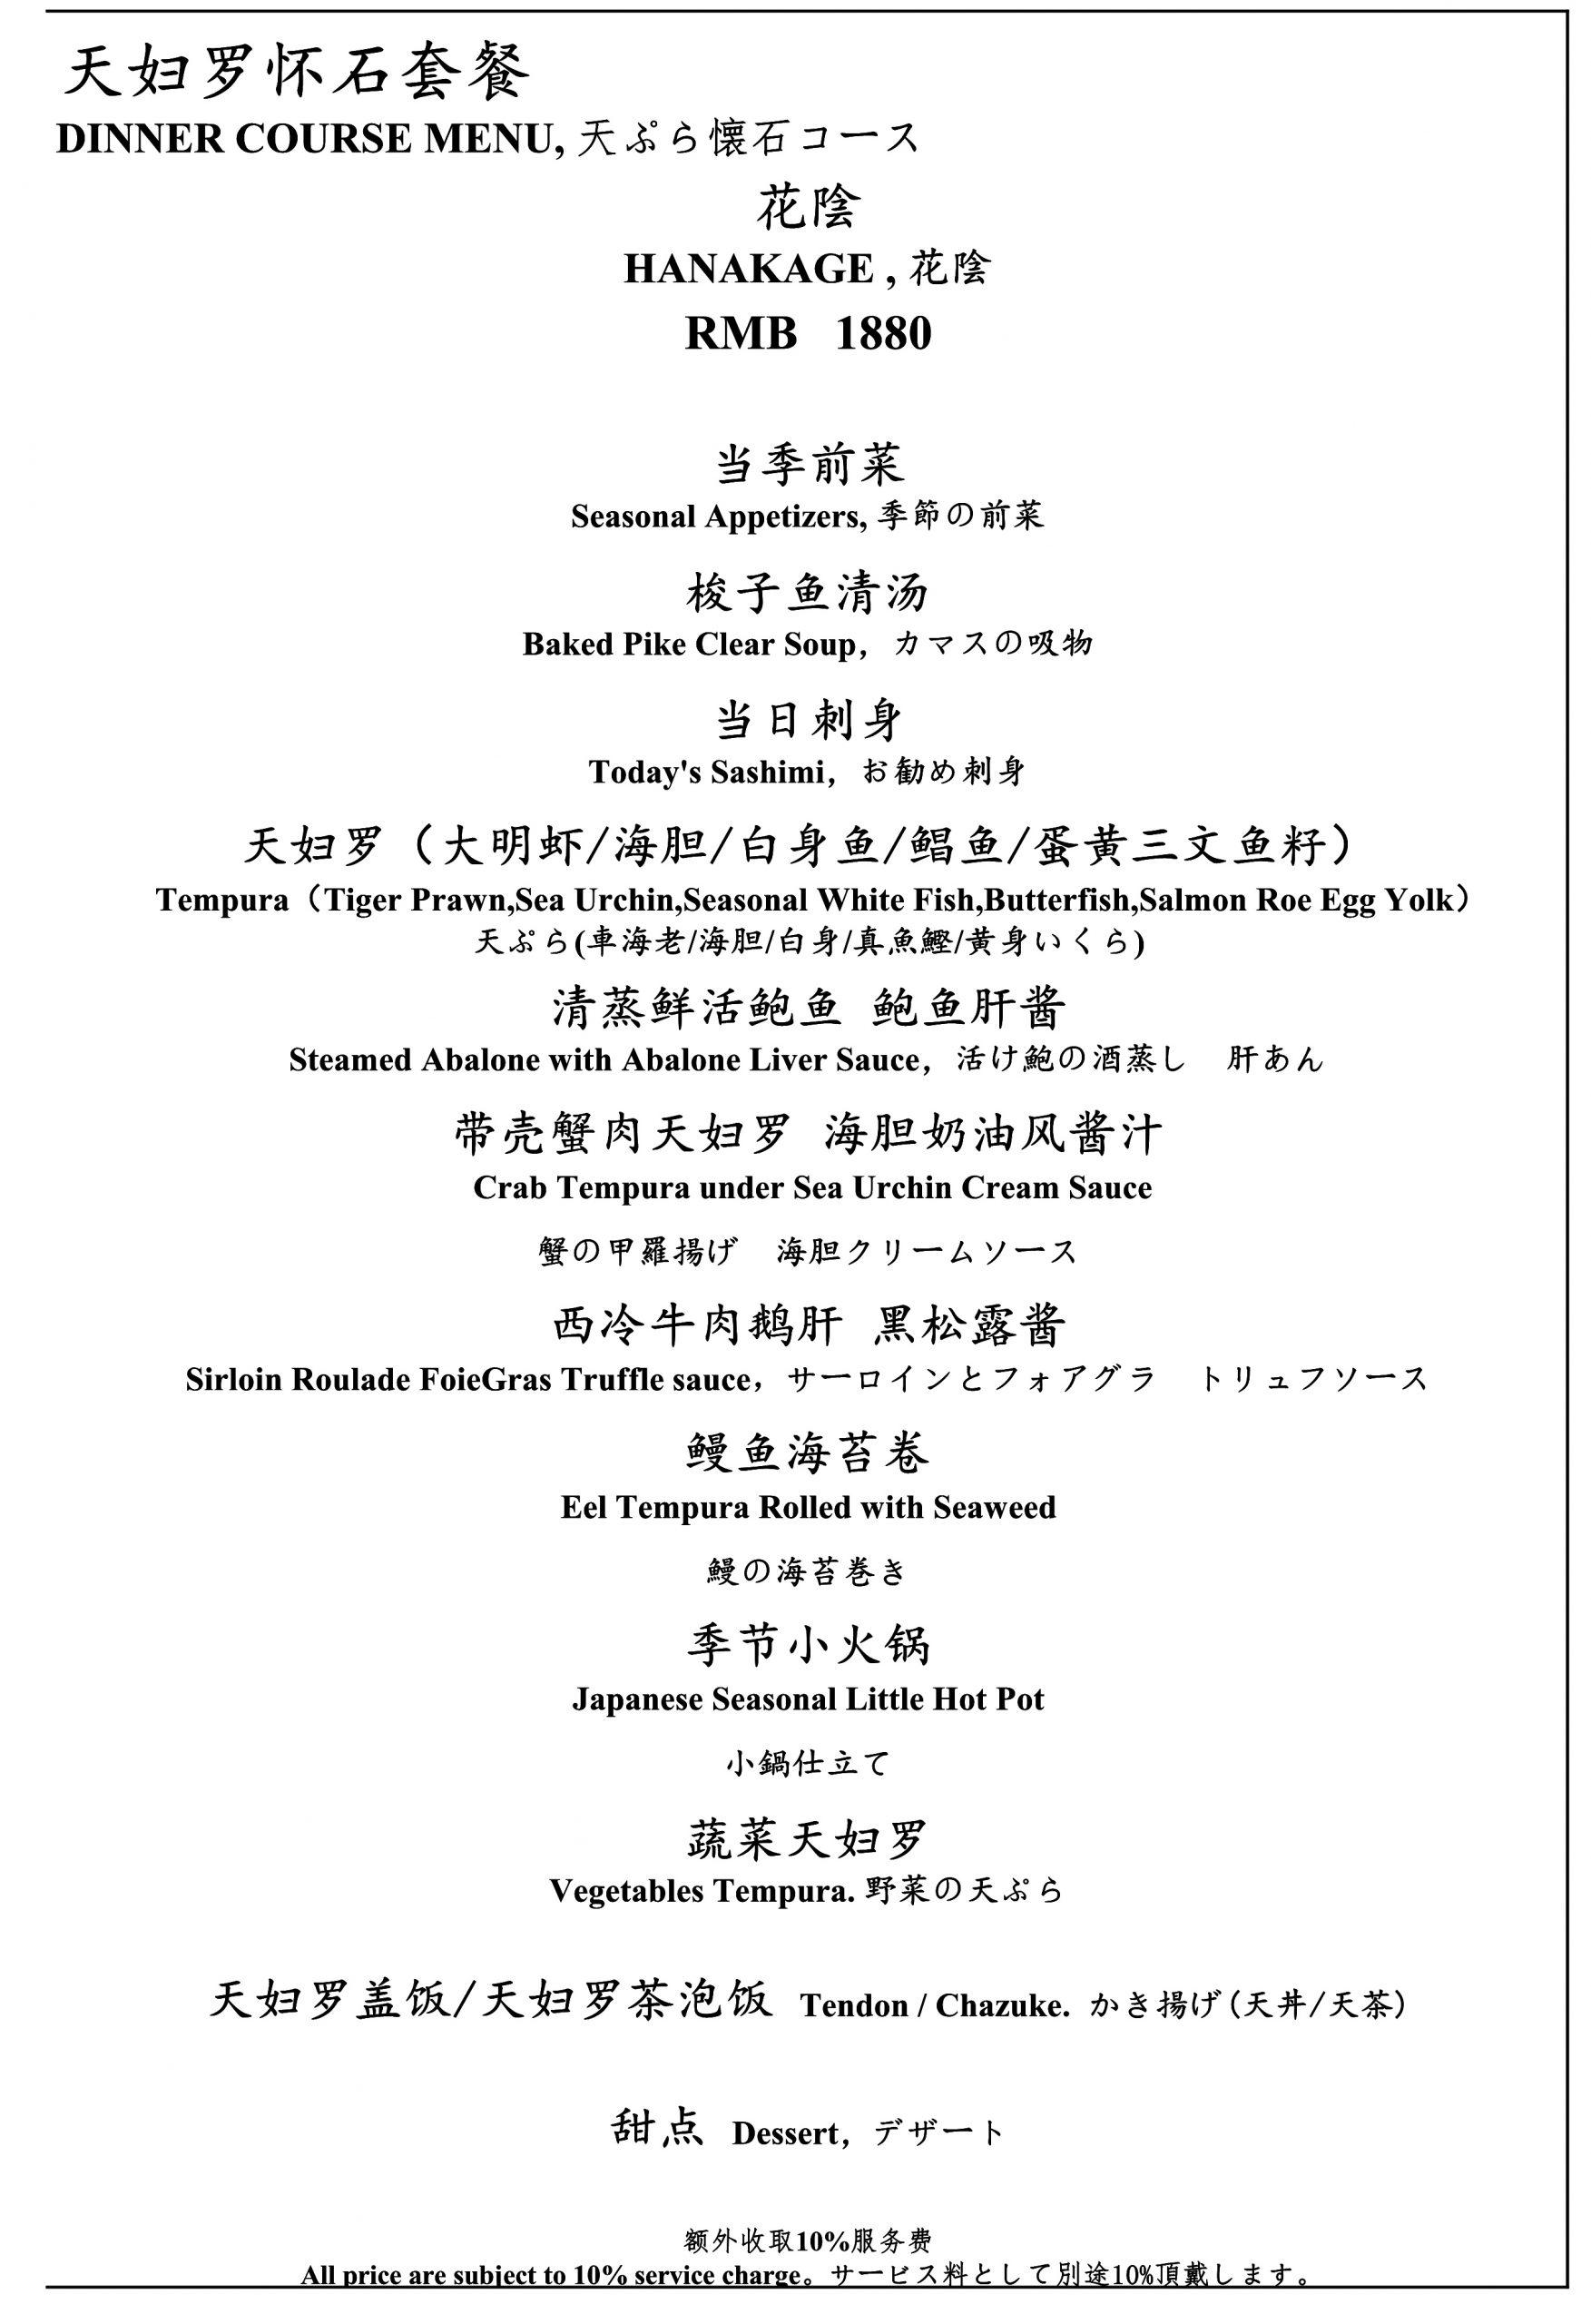 天ぷら [上海店] ディナーメニュー6